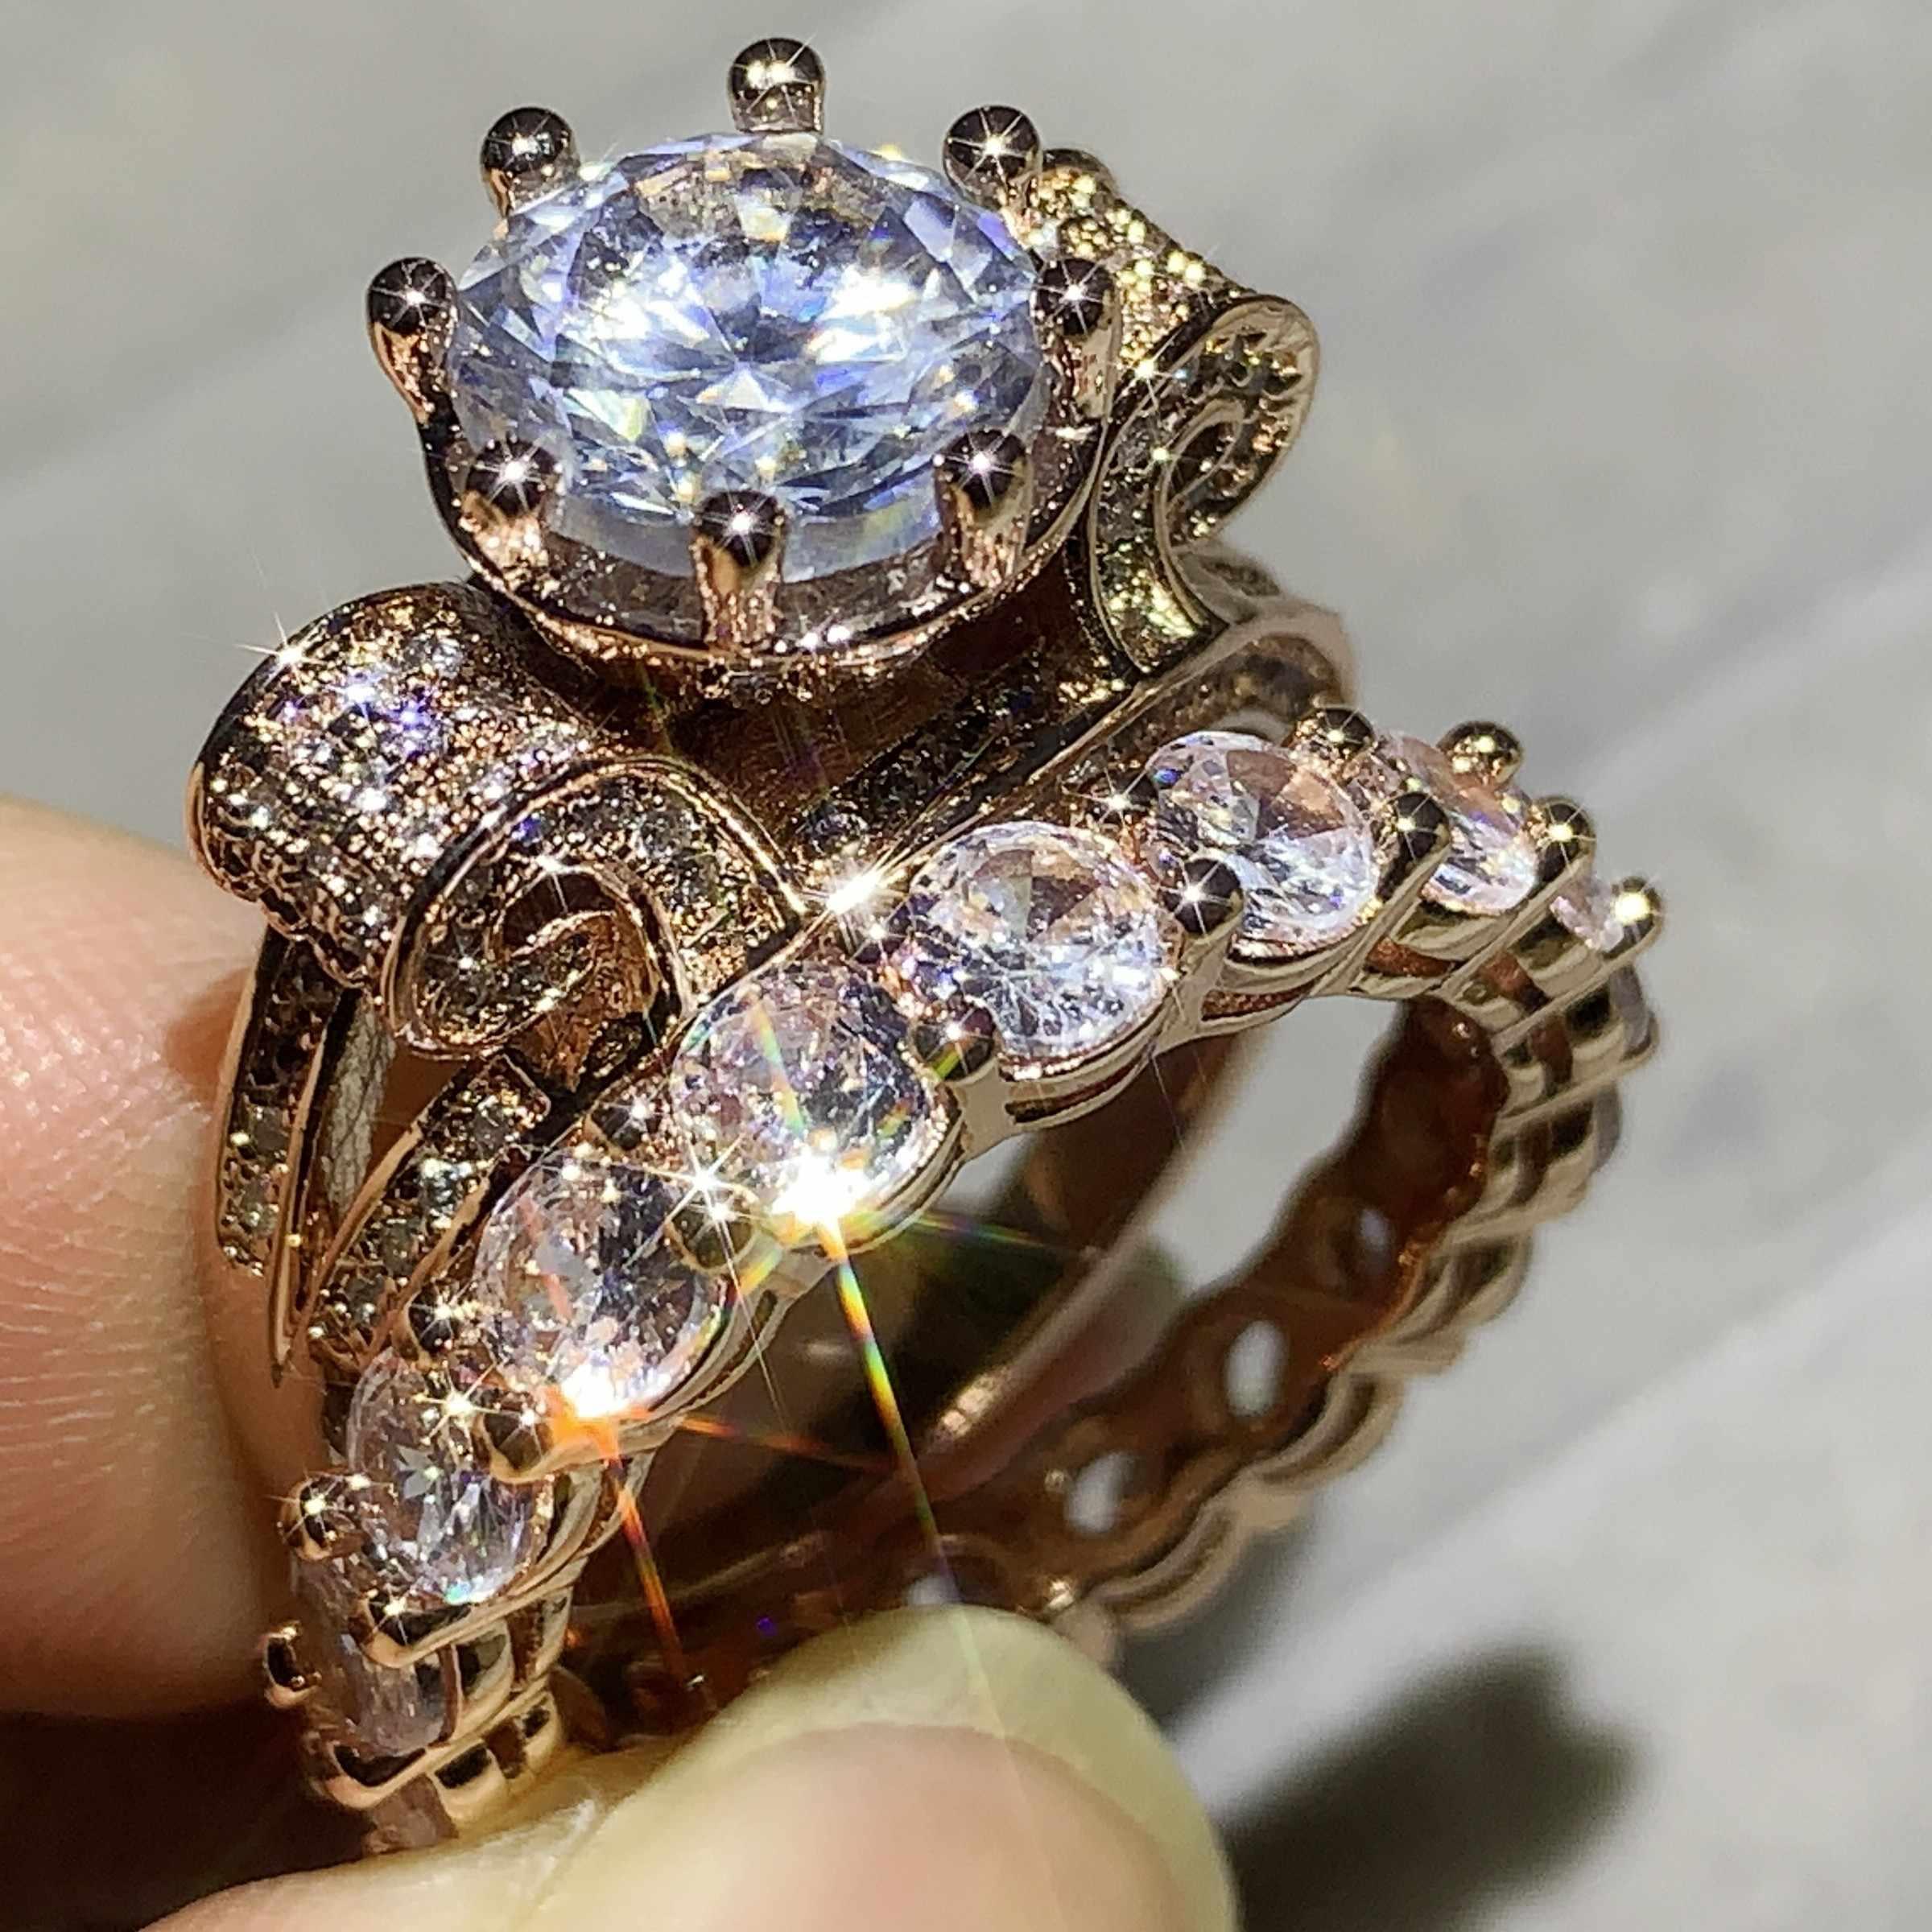 זוג טבעות מכירה לוהטת 2PCS יוקרה תכשיטי 925 כסף סטרלינג & רוז זהב למלא עגול לחתוך 5A מעוקב זירקון כלה נשים טבעת סט